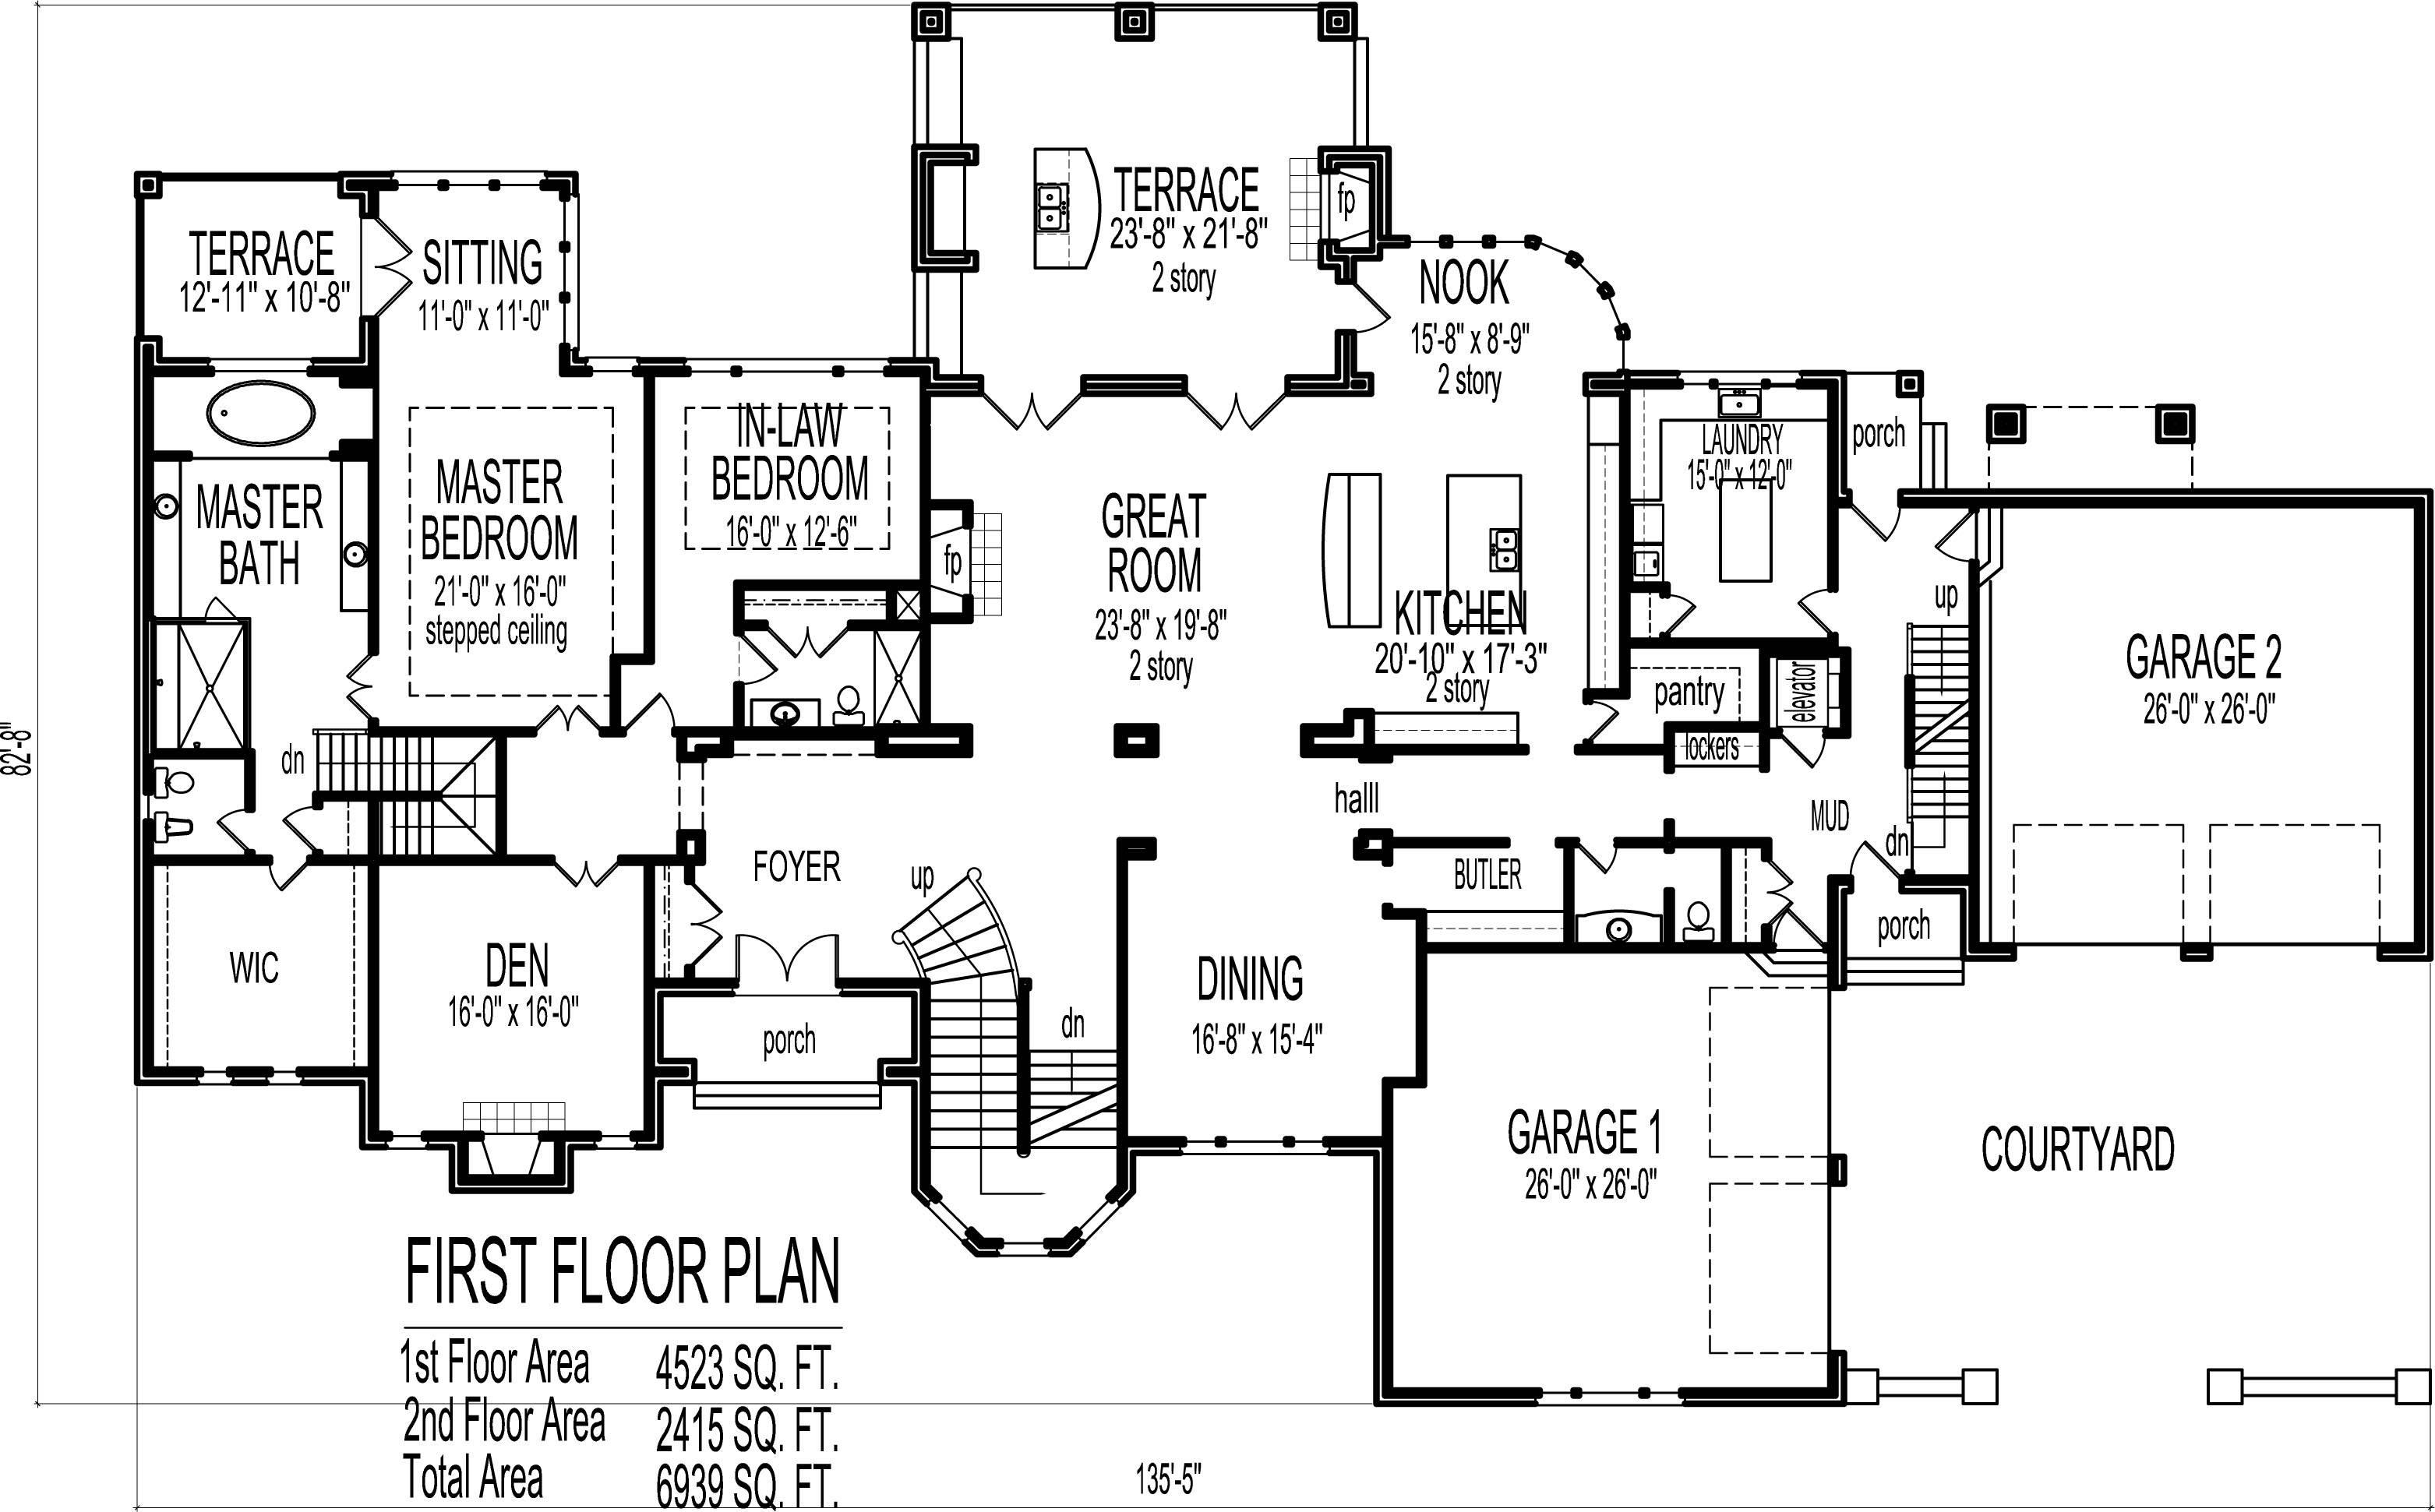 Mansion Blueprints Home Plans Indianapolis House Plans